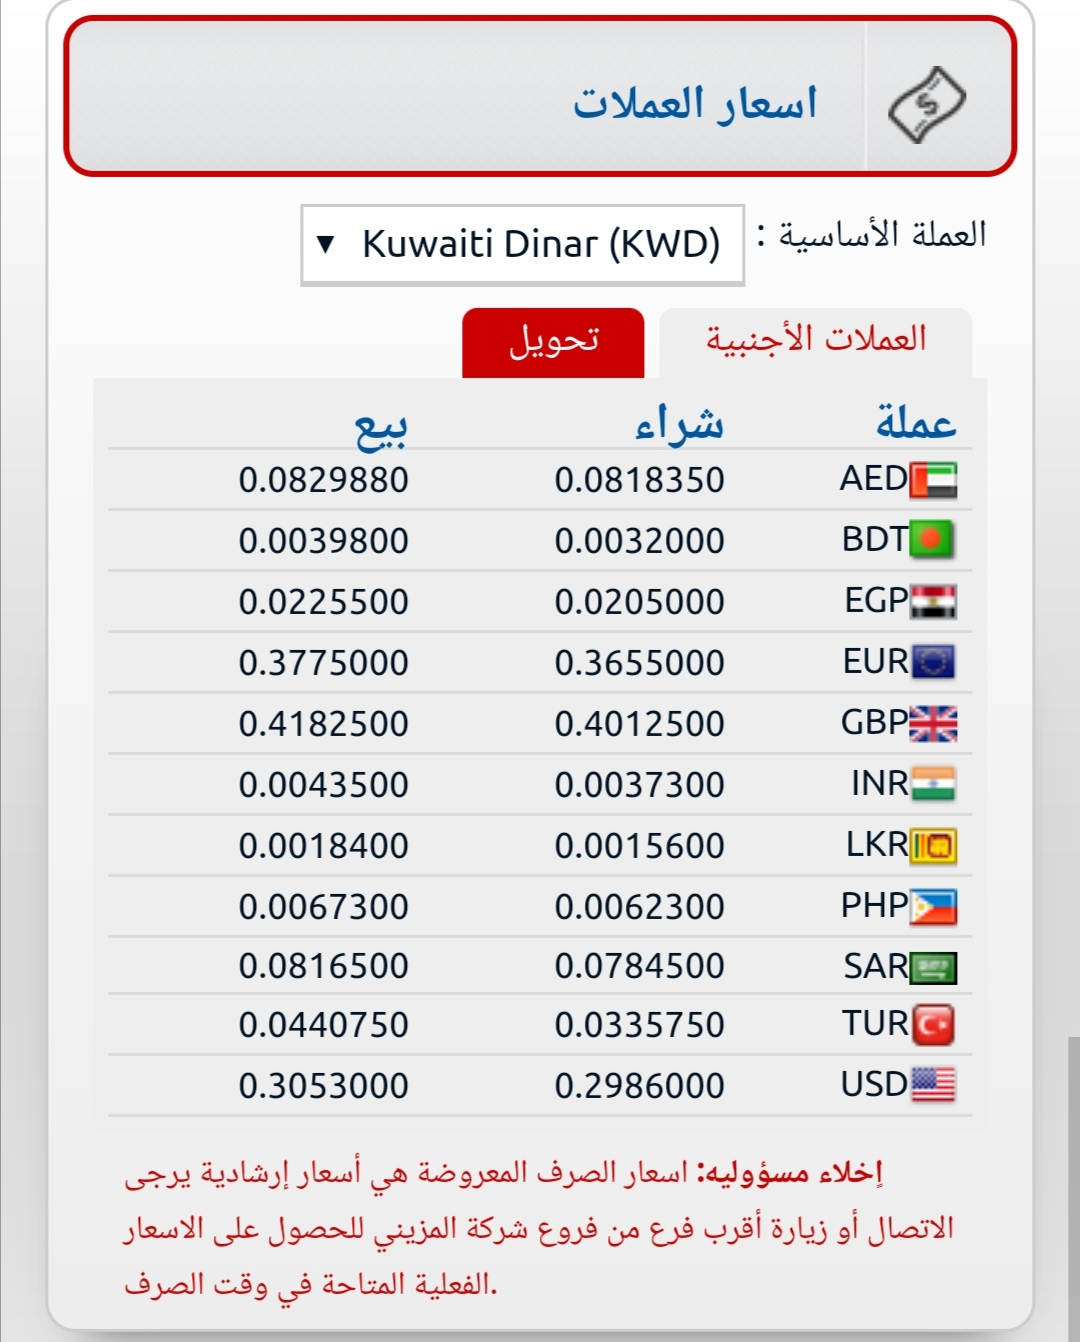 اسعار تحويل مزيني تحويل عملات المزيني الاحد ١٠ يناير ٢٠٢١